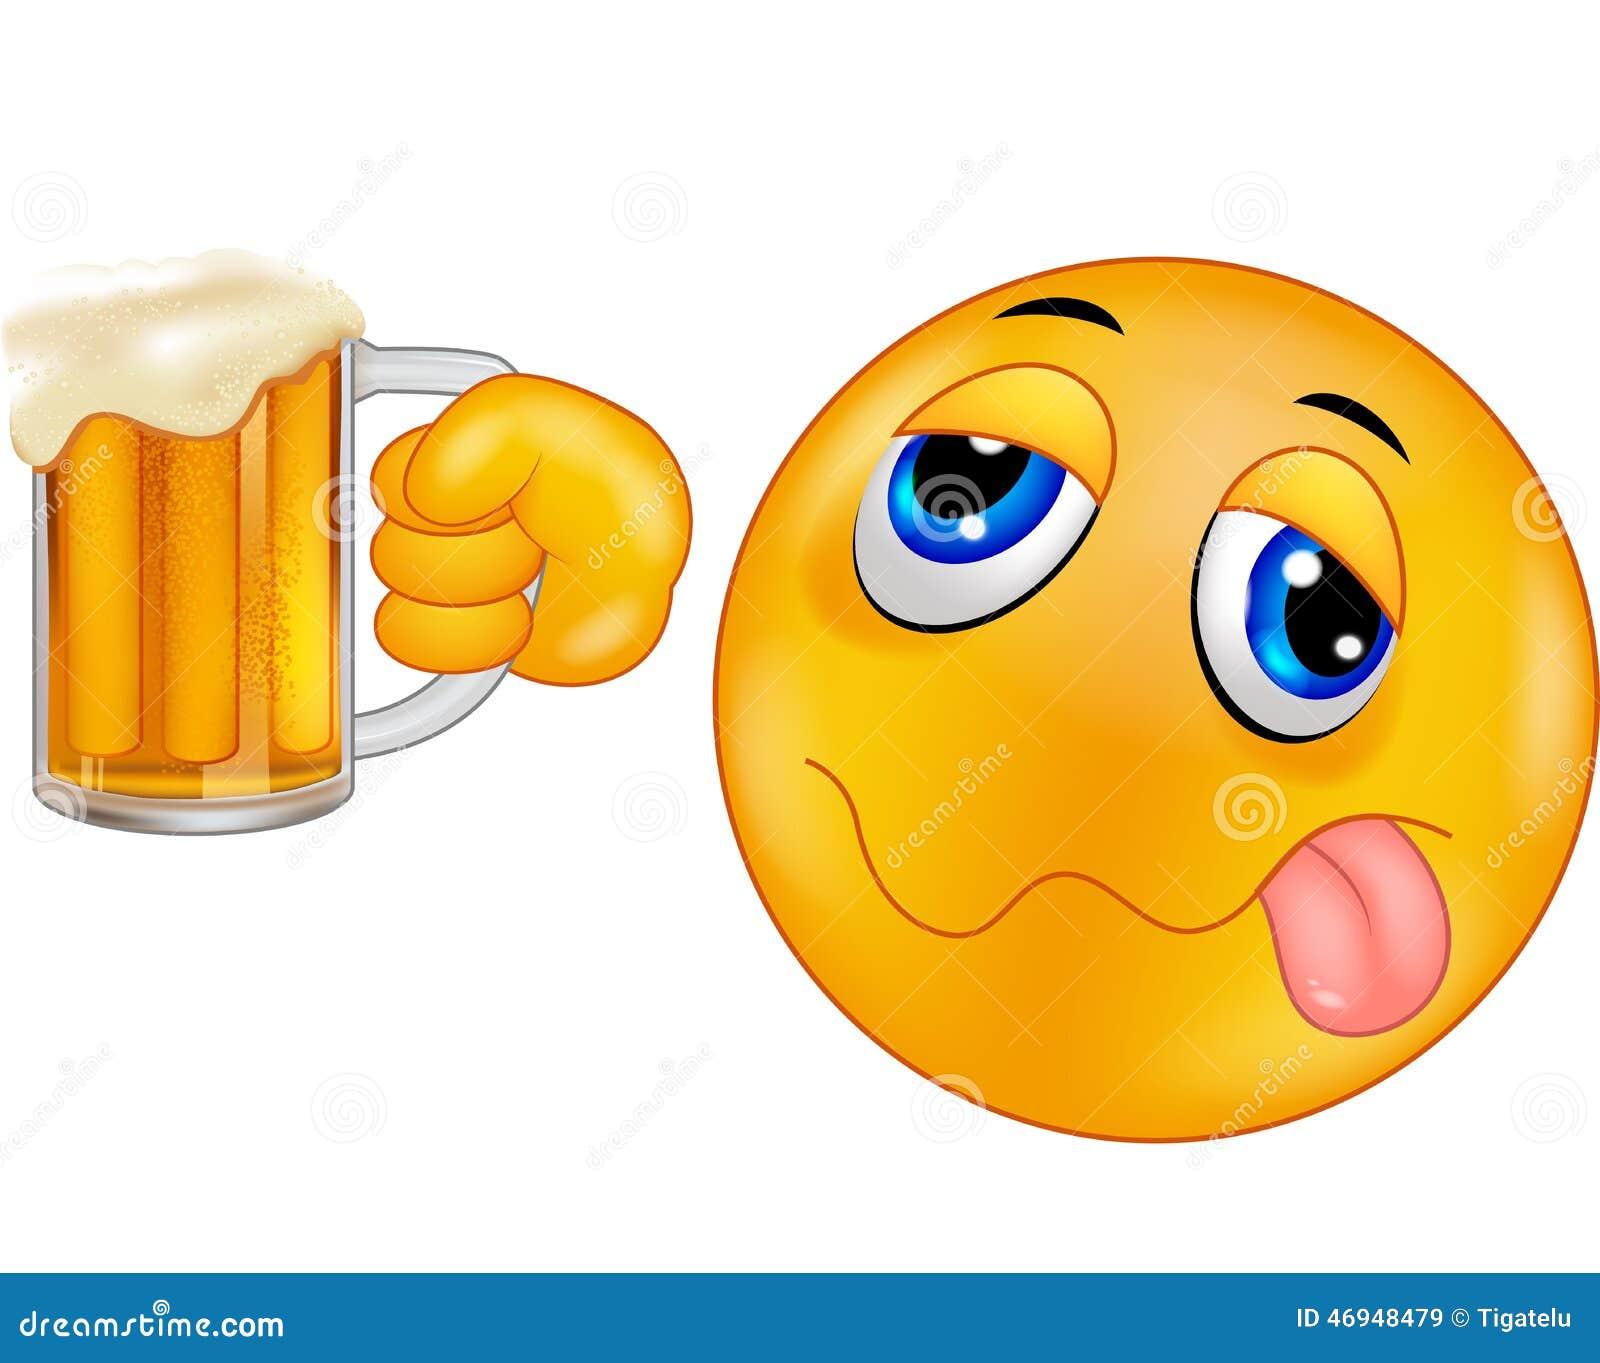 Cartoon Smiley emoticon Drunk Emoticon